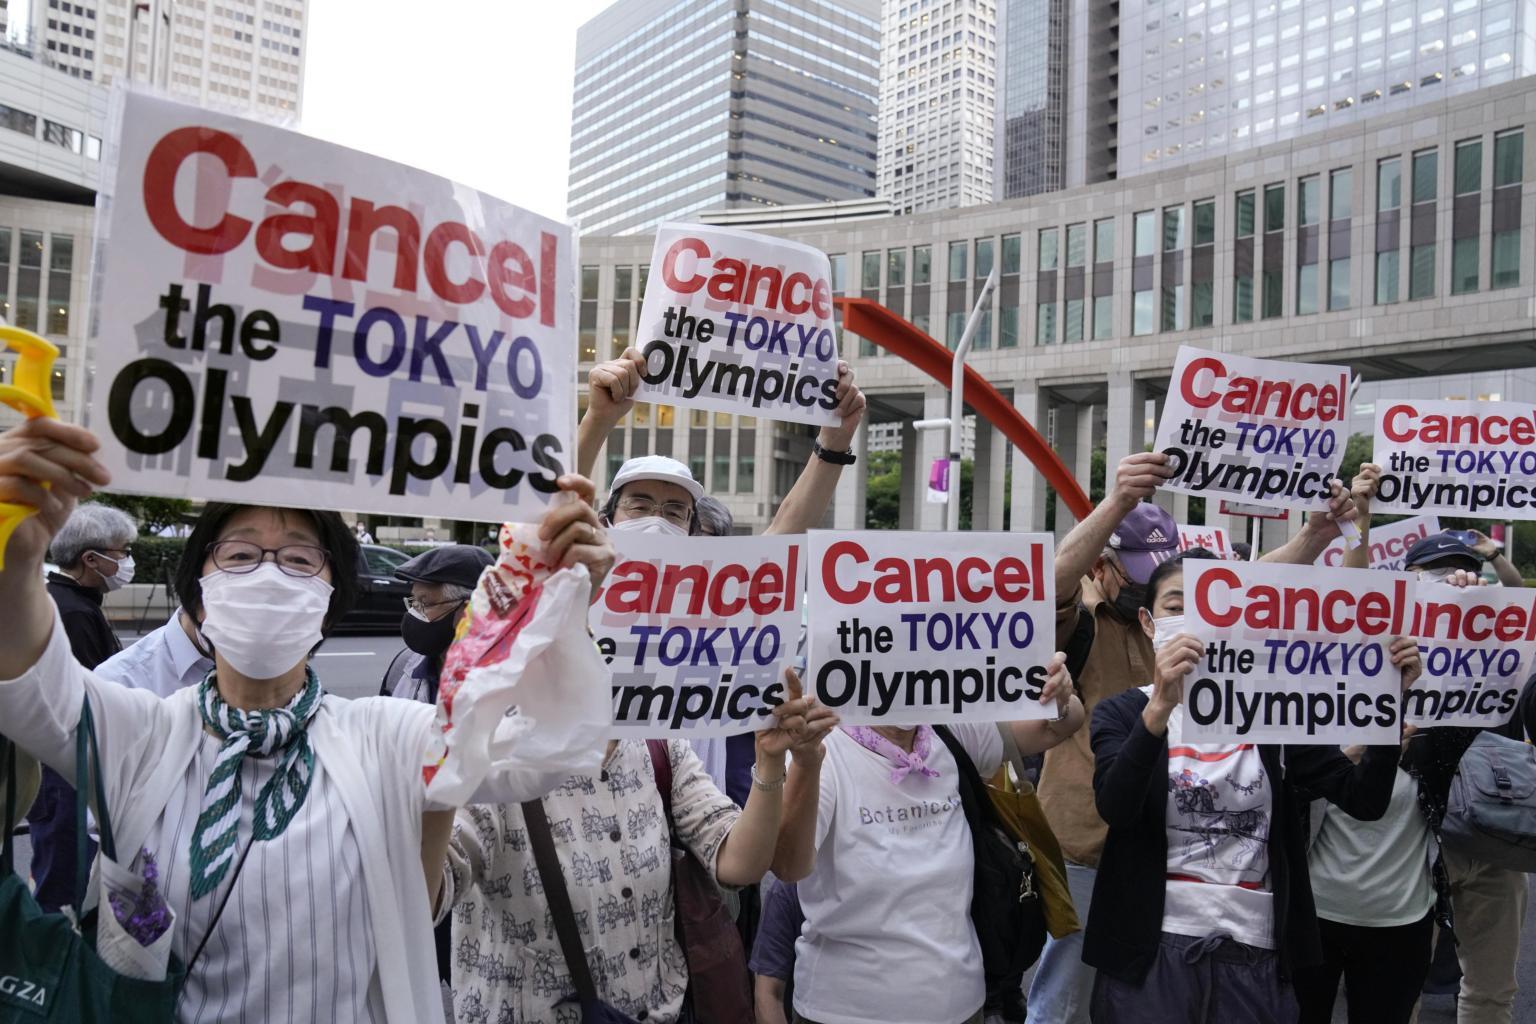 Theo các cuộc khảo sát, hơn 80% người dân Nhật Bản mong muốn hoãn, hủy bỏ hoặc hạn chế khán giả tham gia Olympic Tokyo